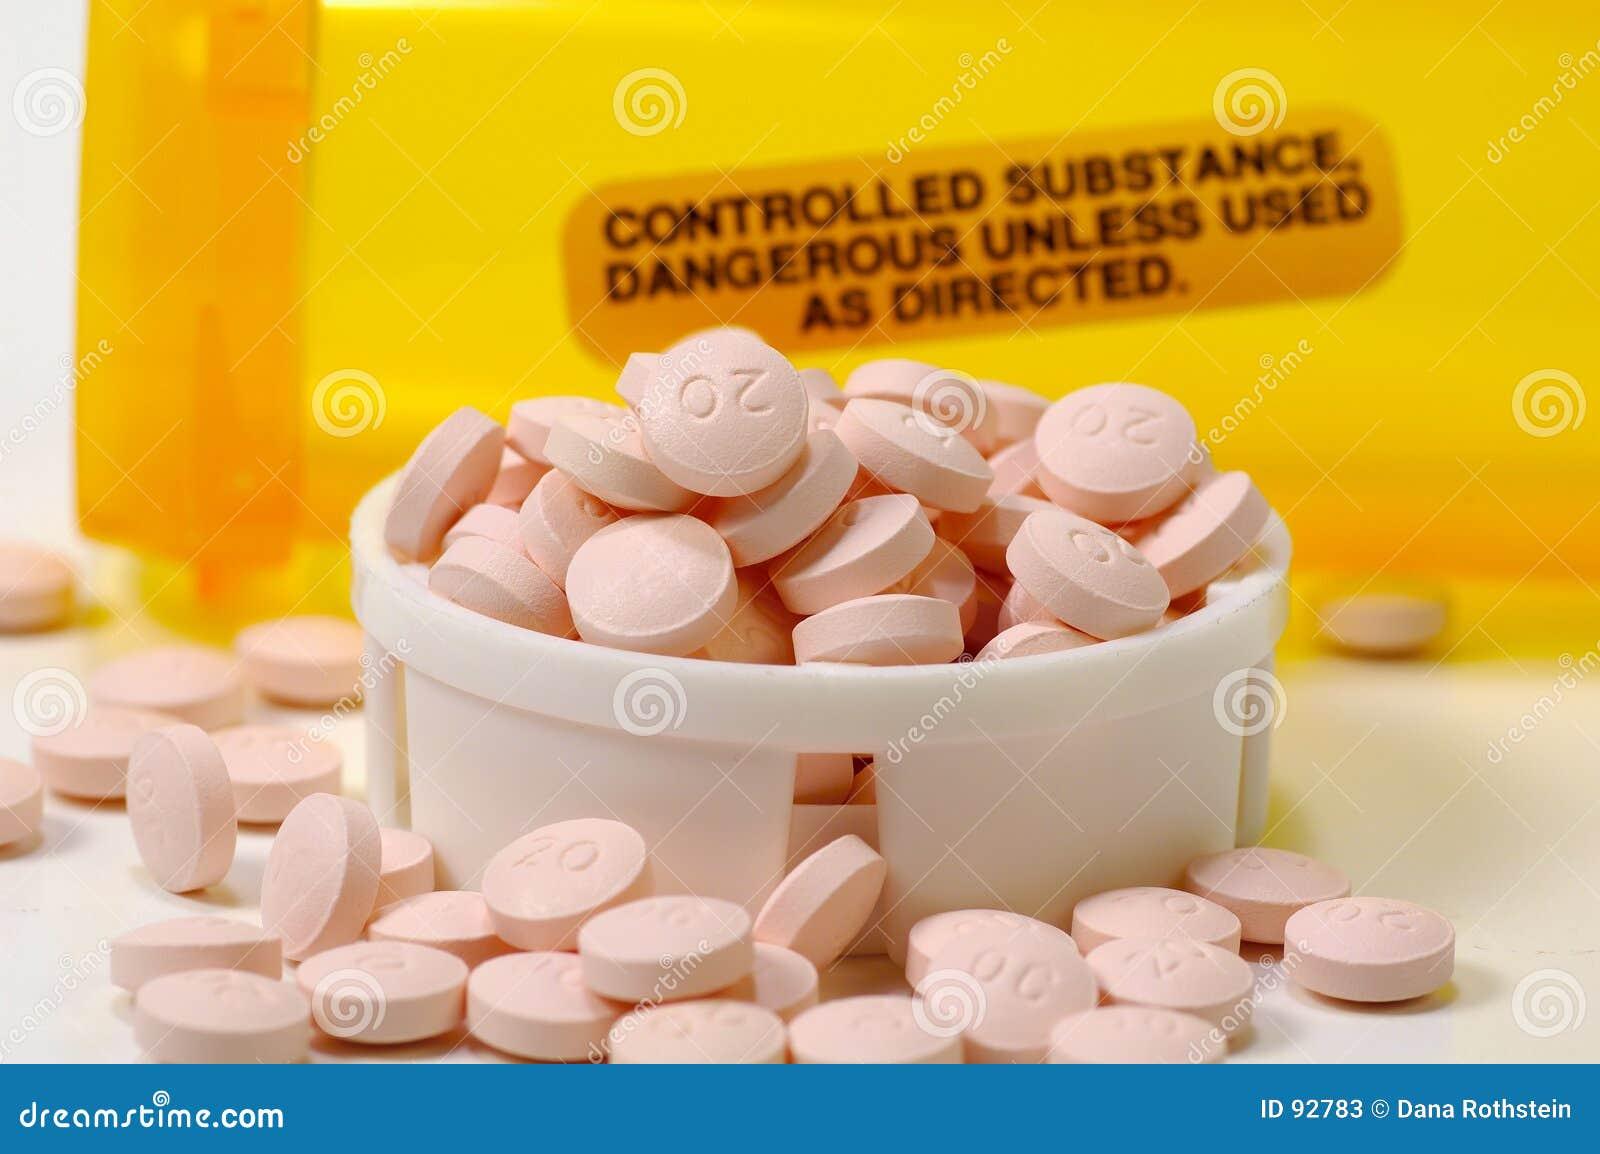 Substancji kontrolowanej